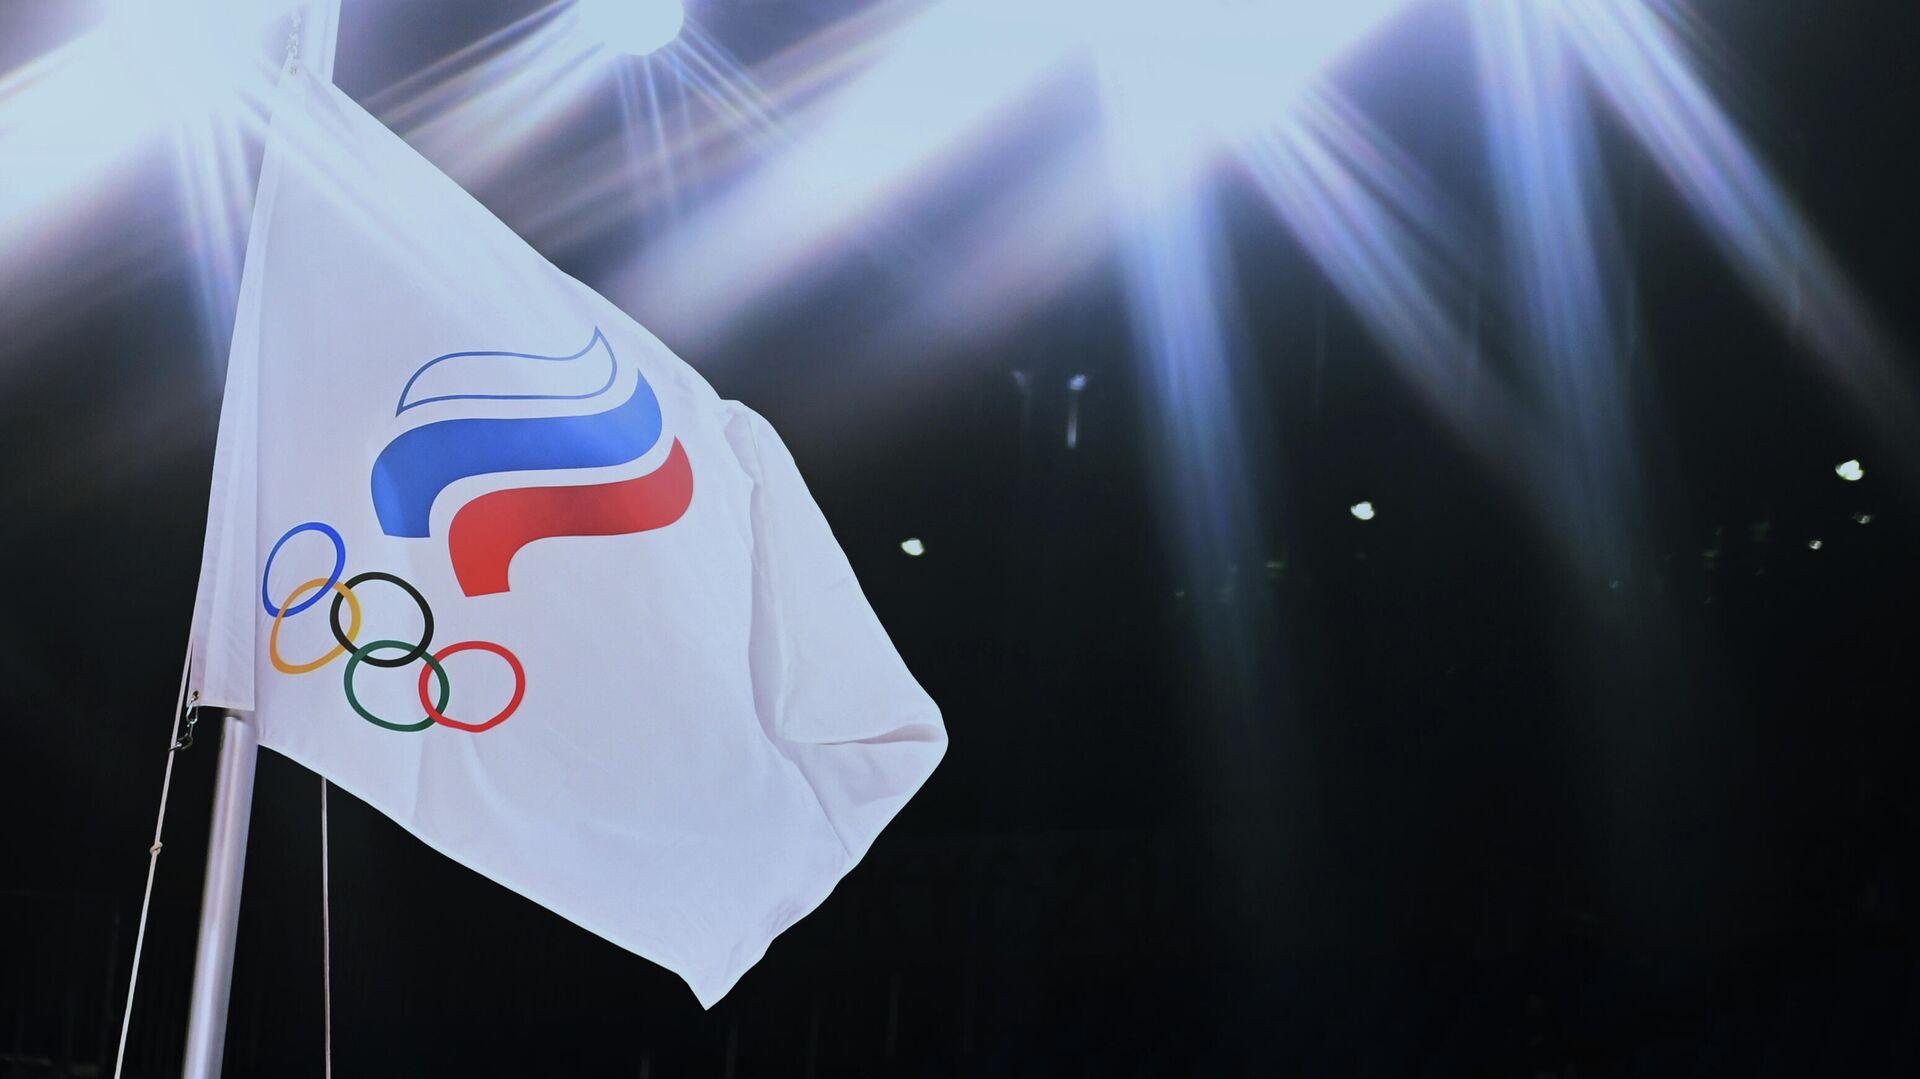 Олимпиада-2020. Баскетбол 3х3. Женщины - РИА Новости, 1920, 23.09.2021